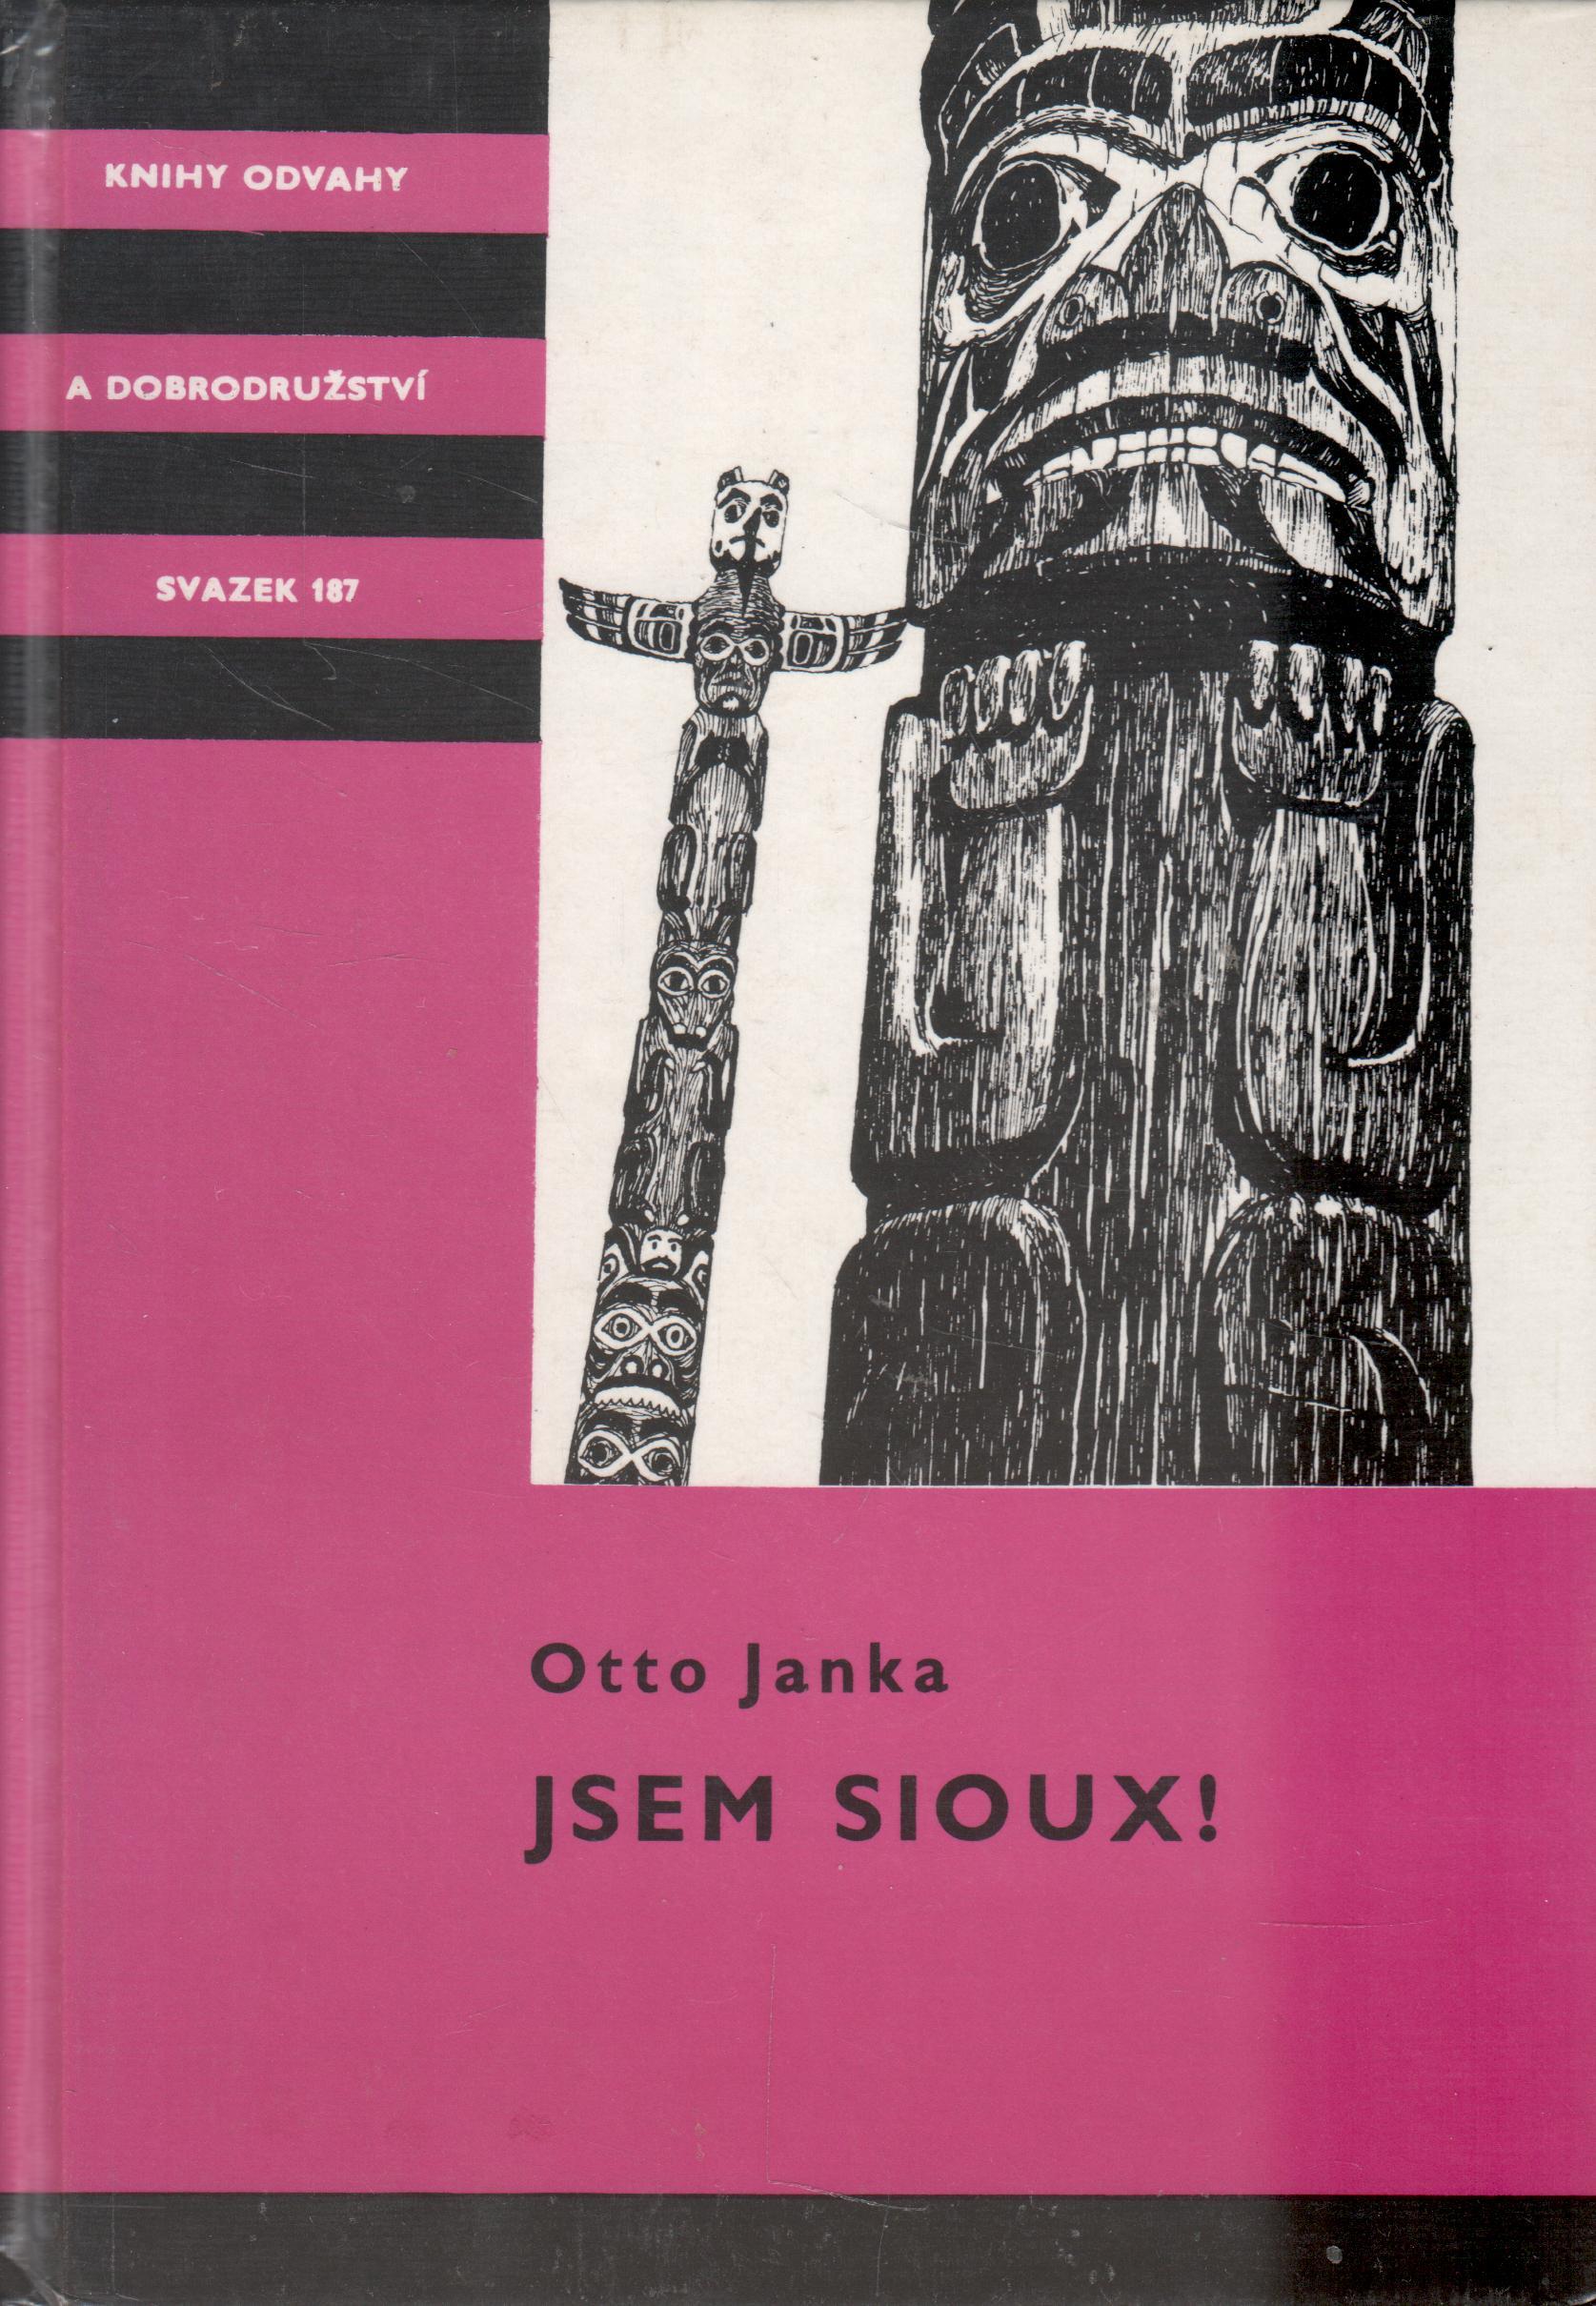 KOD sv. 187 Jsem Sioux! / Otto Janka, 1990